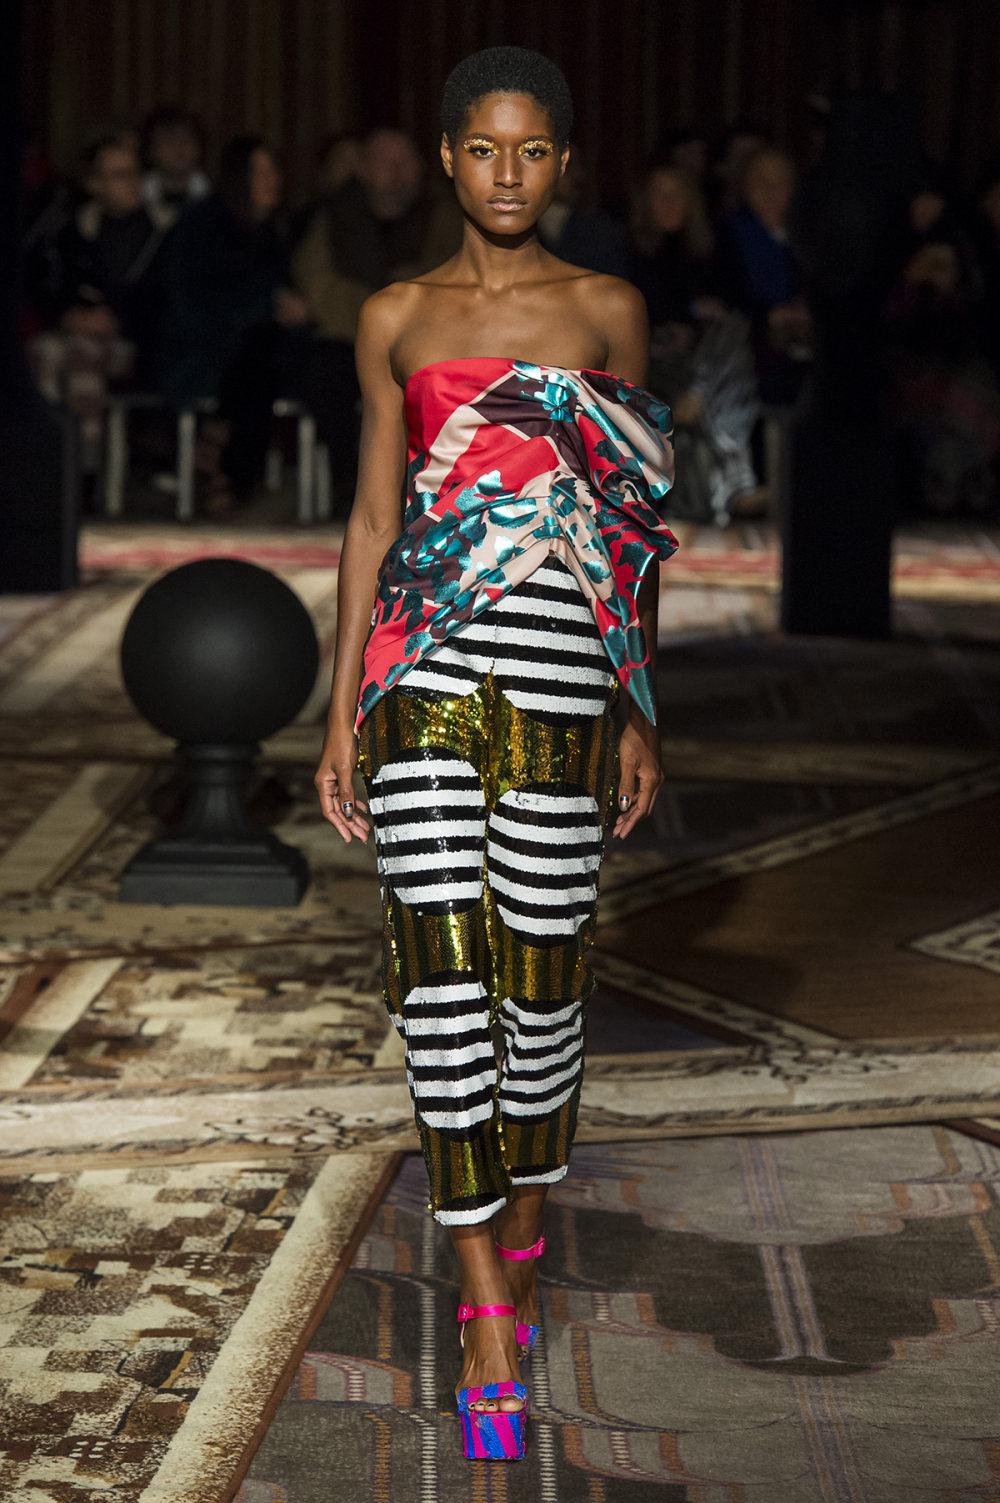 Halpern时装系列将幻想印花应用于宽大的缎面外套展示垂褶技巧-6.jpg